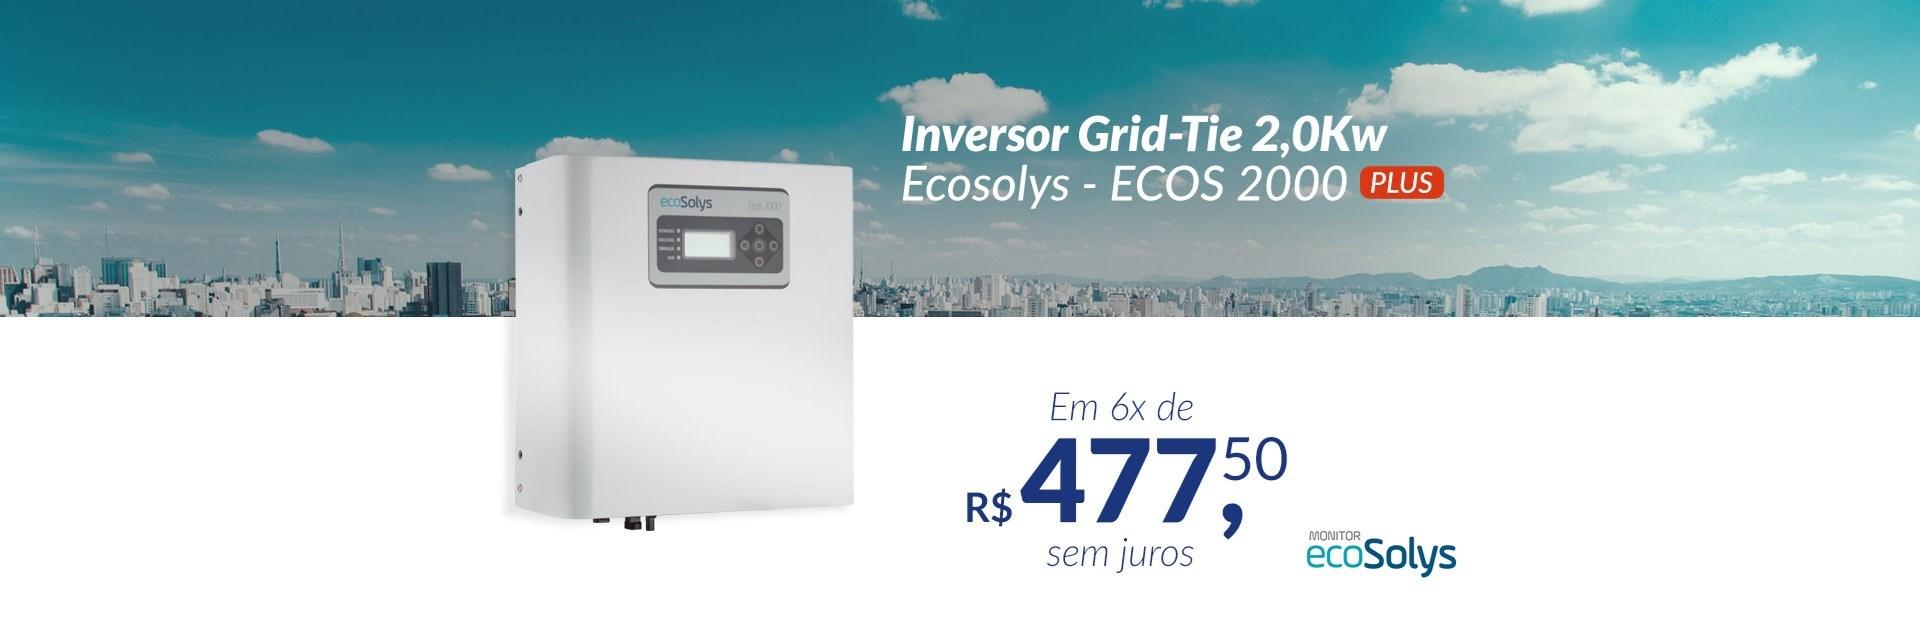 Inversor Grid-Tie 2,0Kw Ecosolys - ECOS2000 PLUS